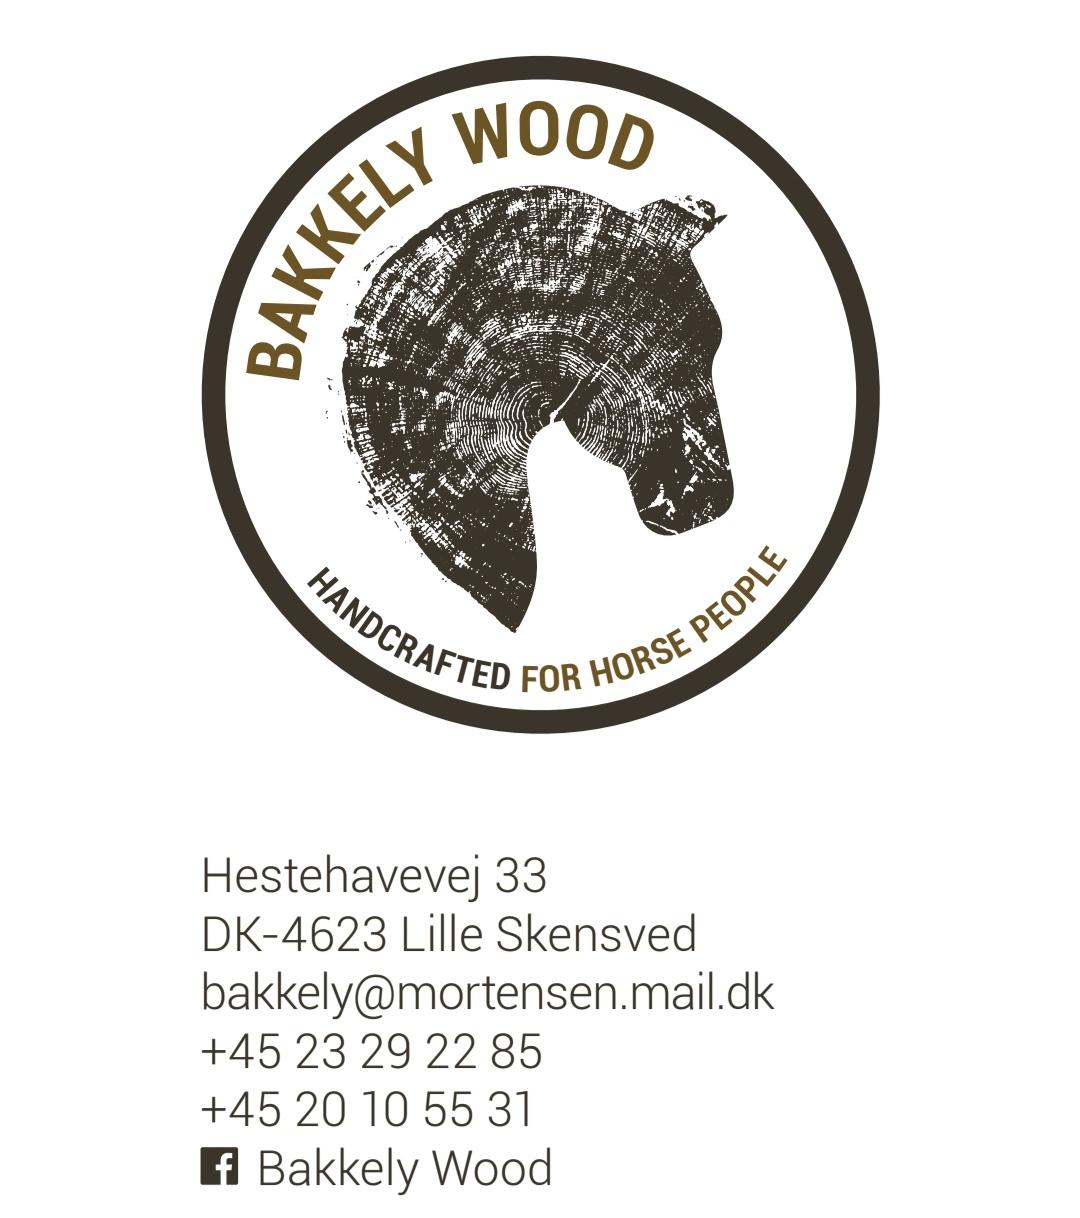 Bakkely wood.jpg